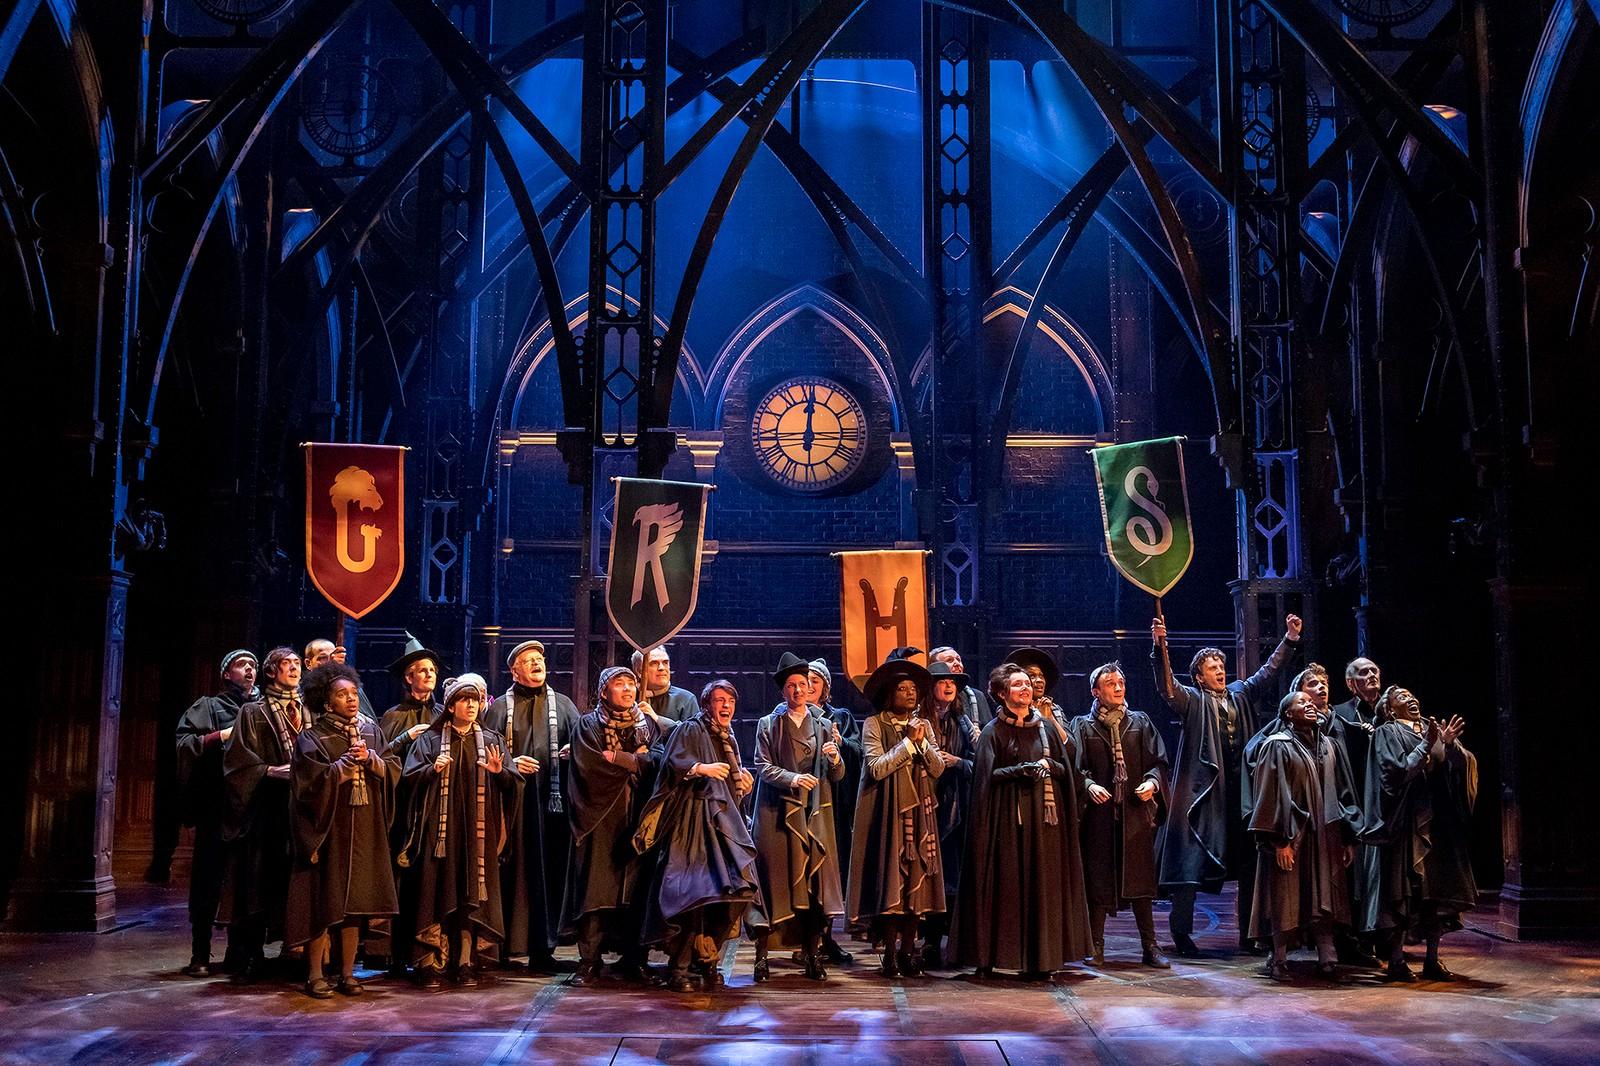 TILBAKE TIL GALTVORT: I historien i «Harry Potter and the Cursed Child» er det Harry Potters sønn, Albus Potter, som studerer ved Galtvort høyere skole for hekseri og trolldom.